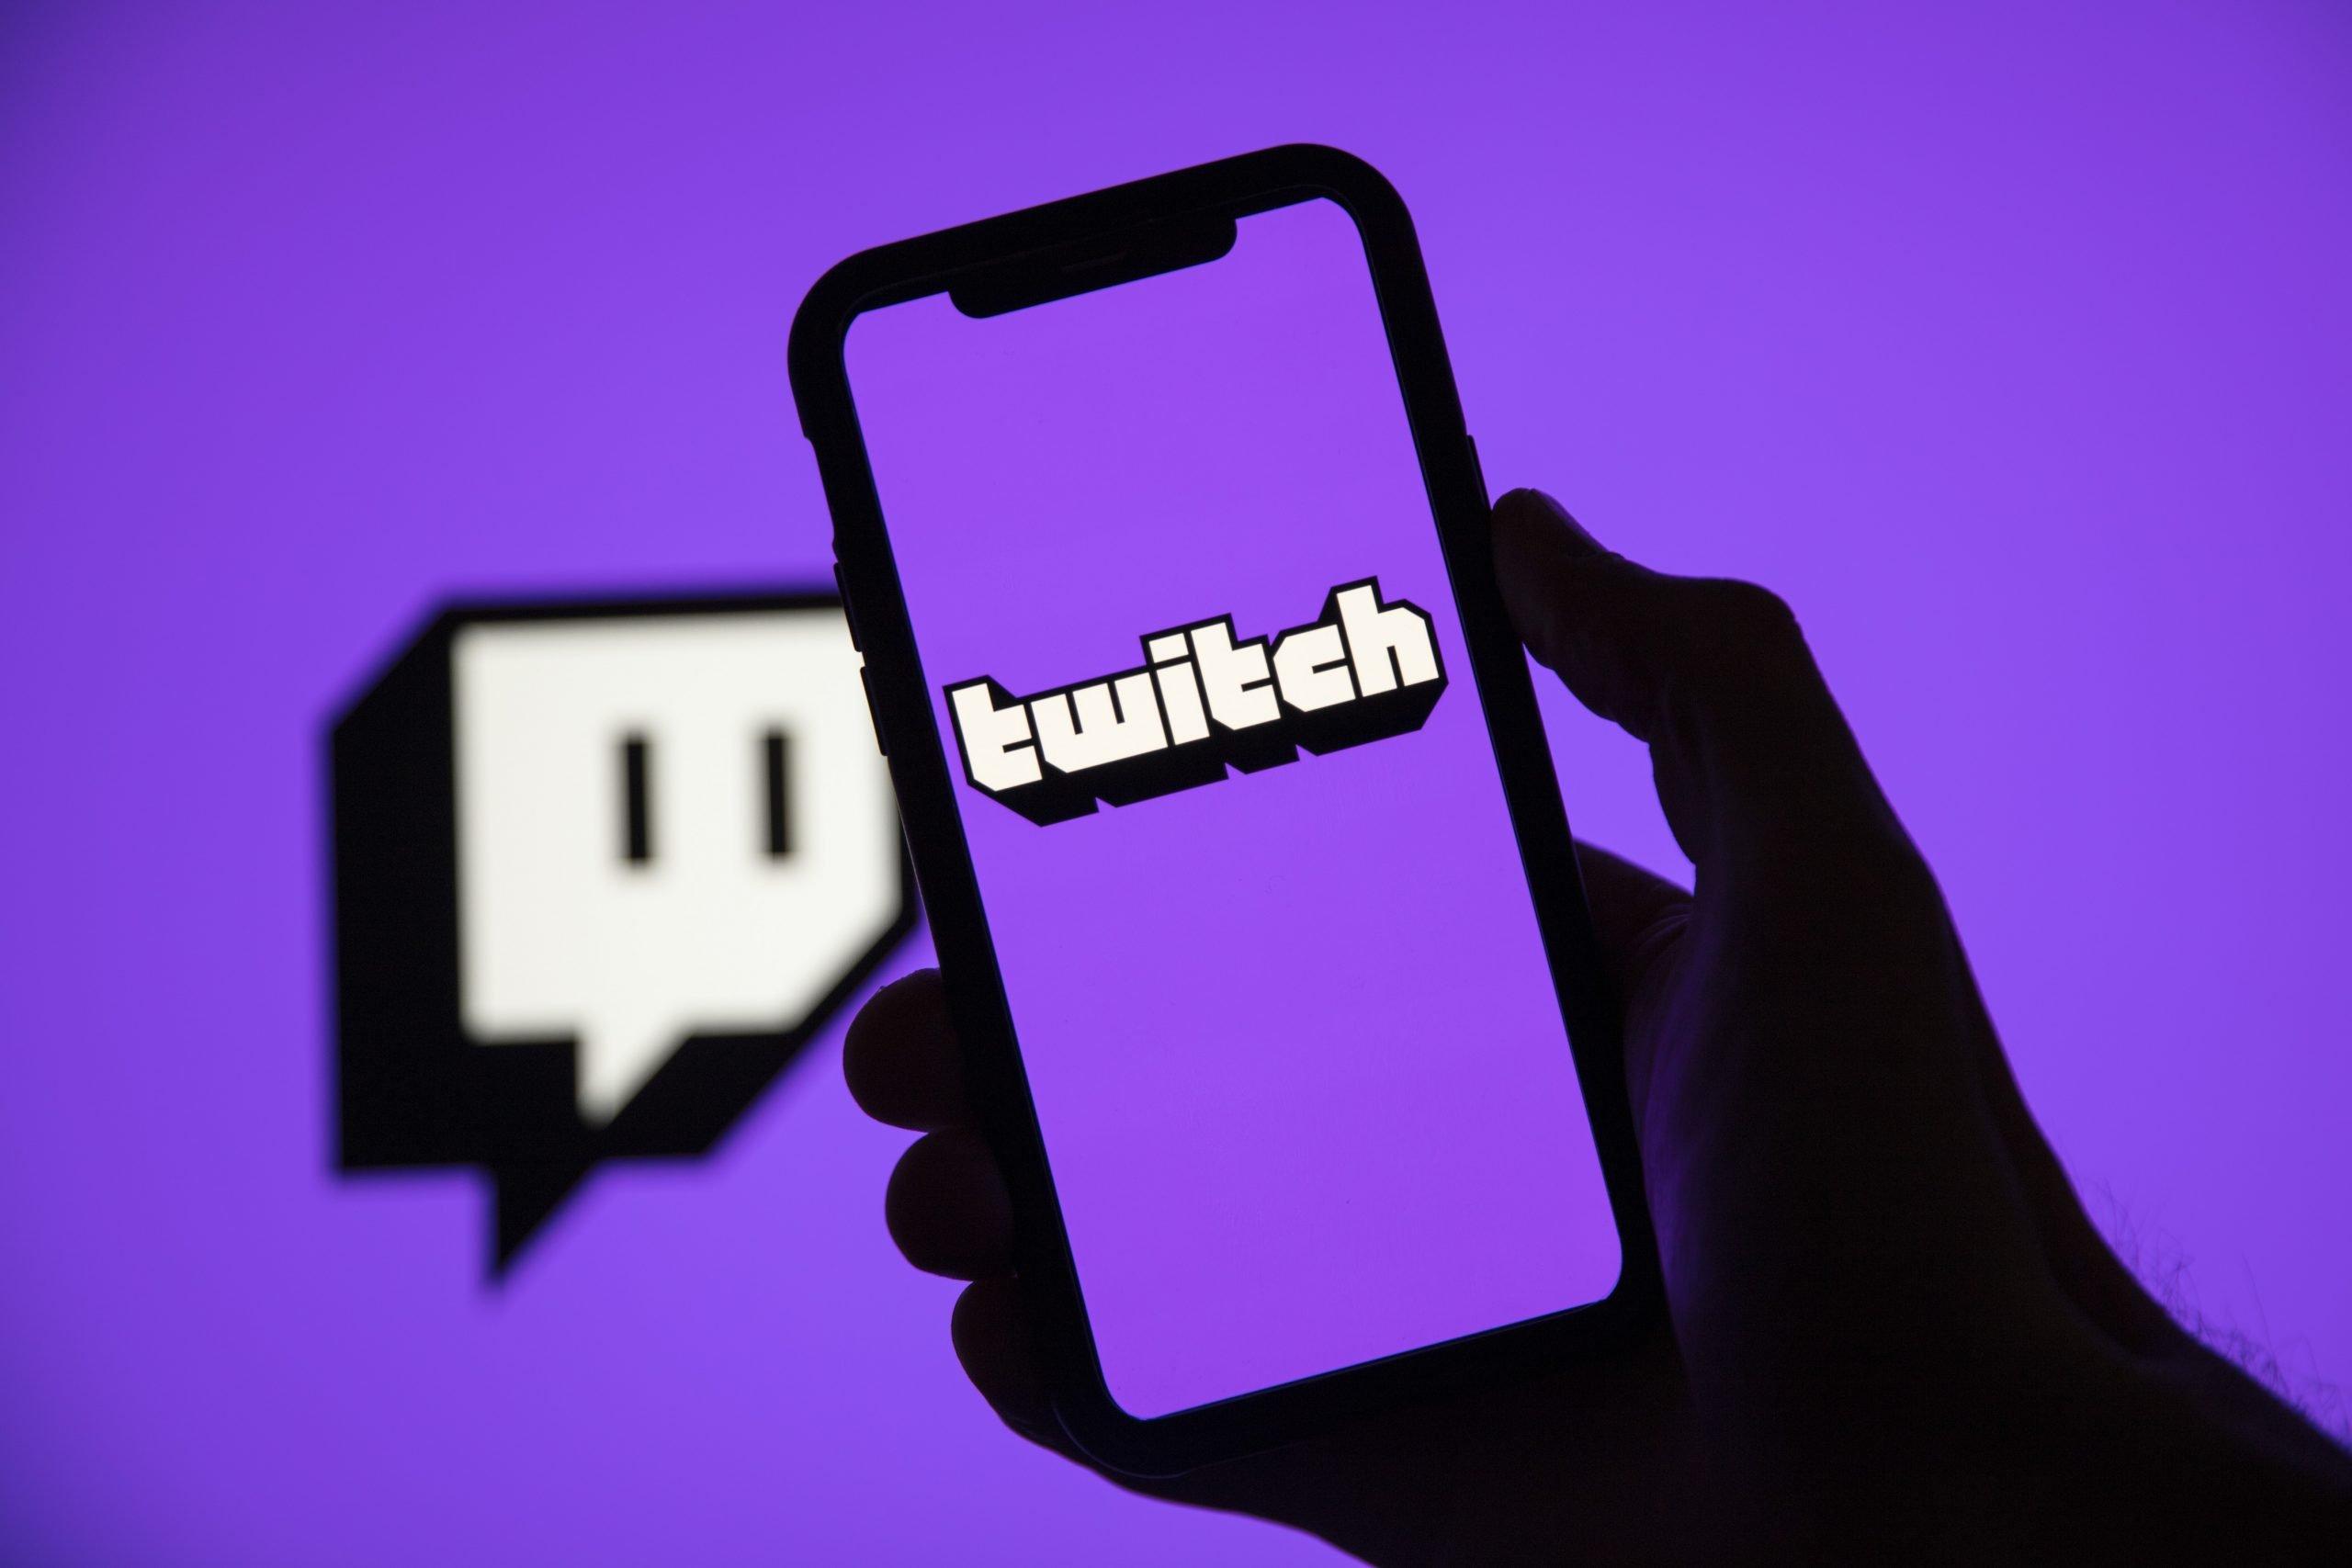 Comportamenti volti all'odio e alle molestie: Twitch cambia politica